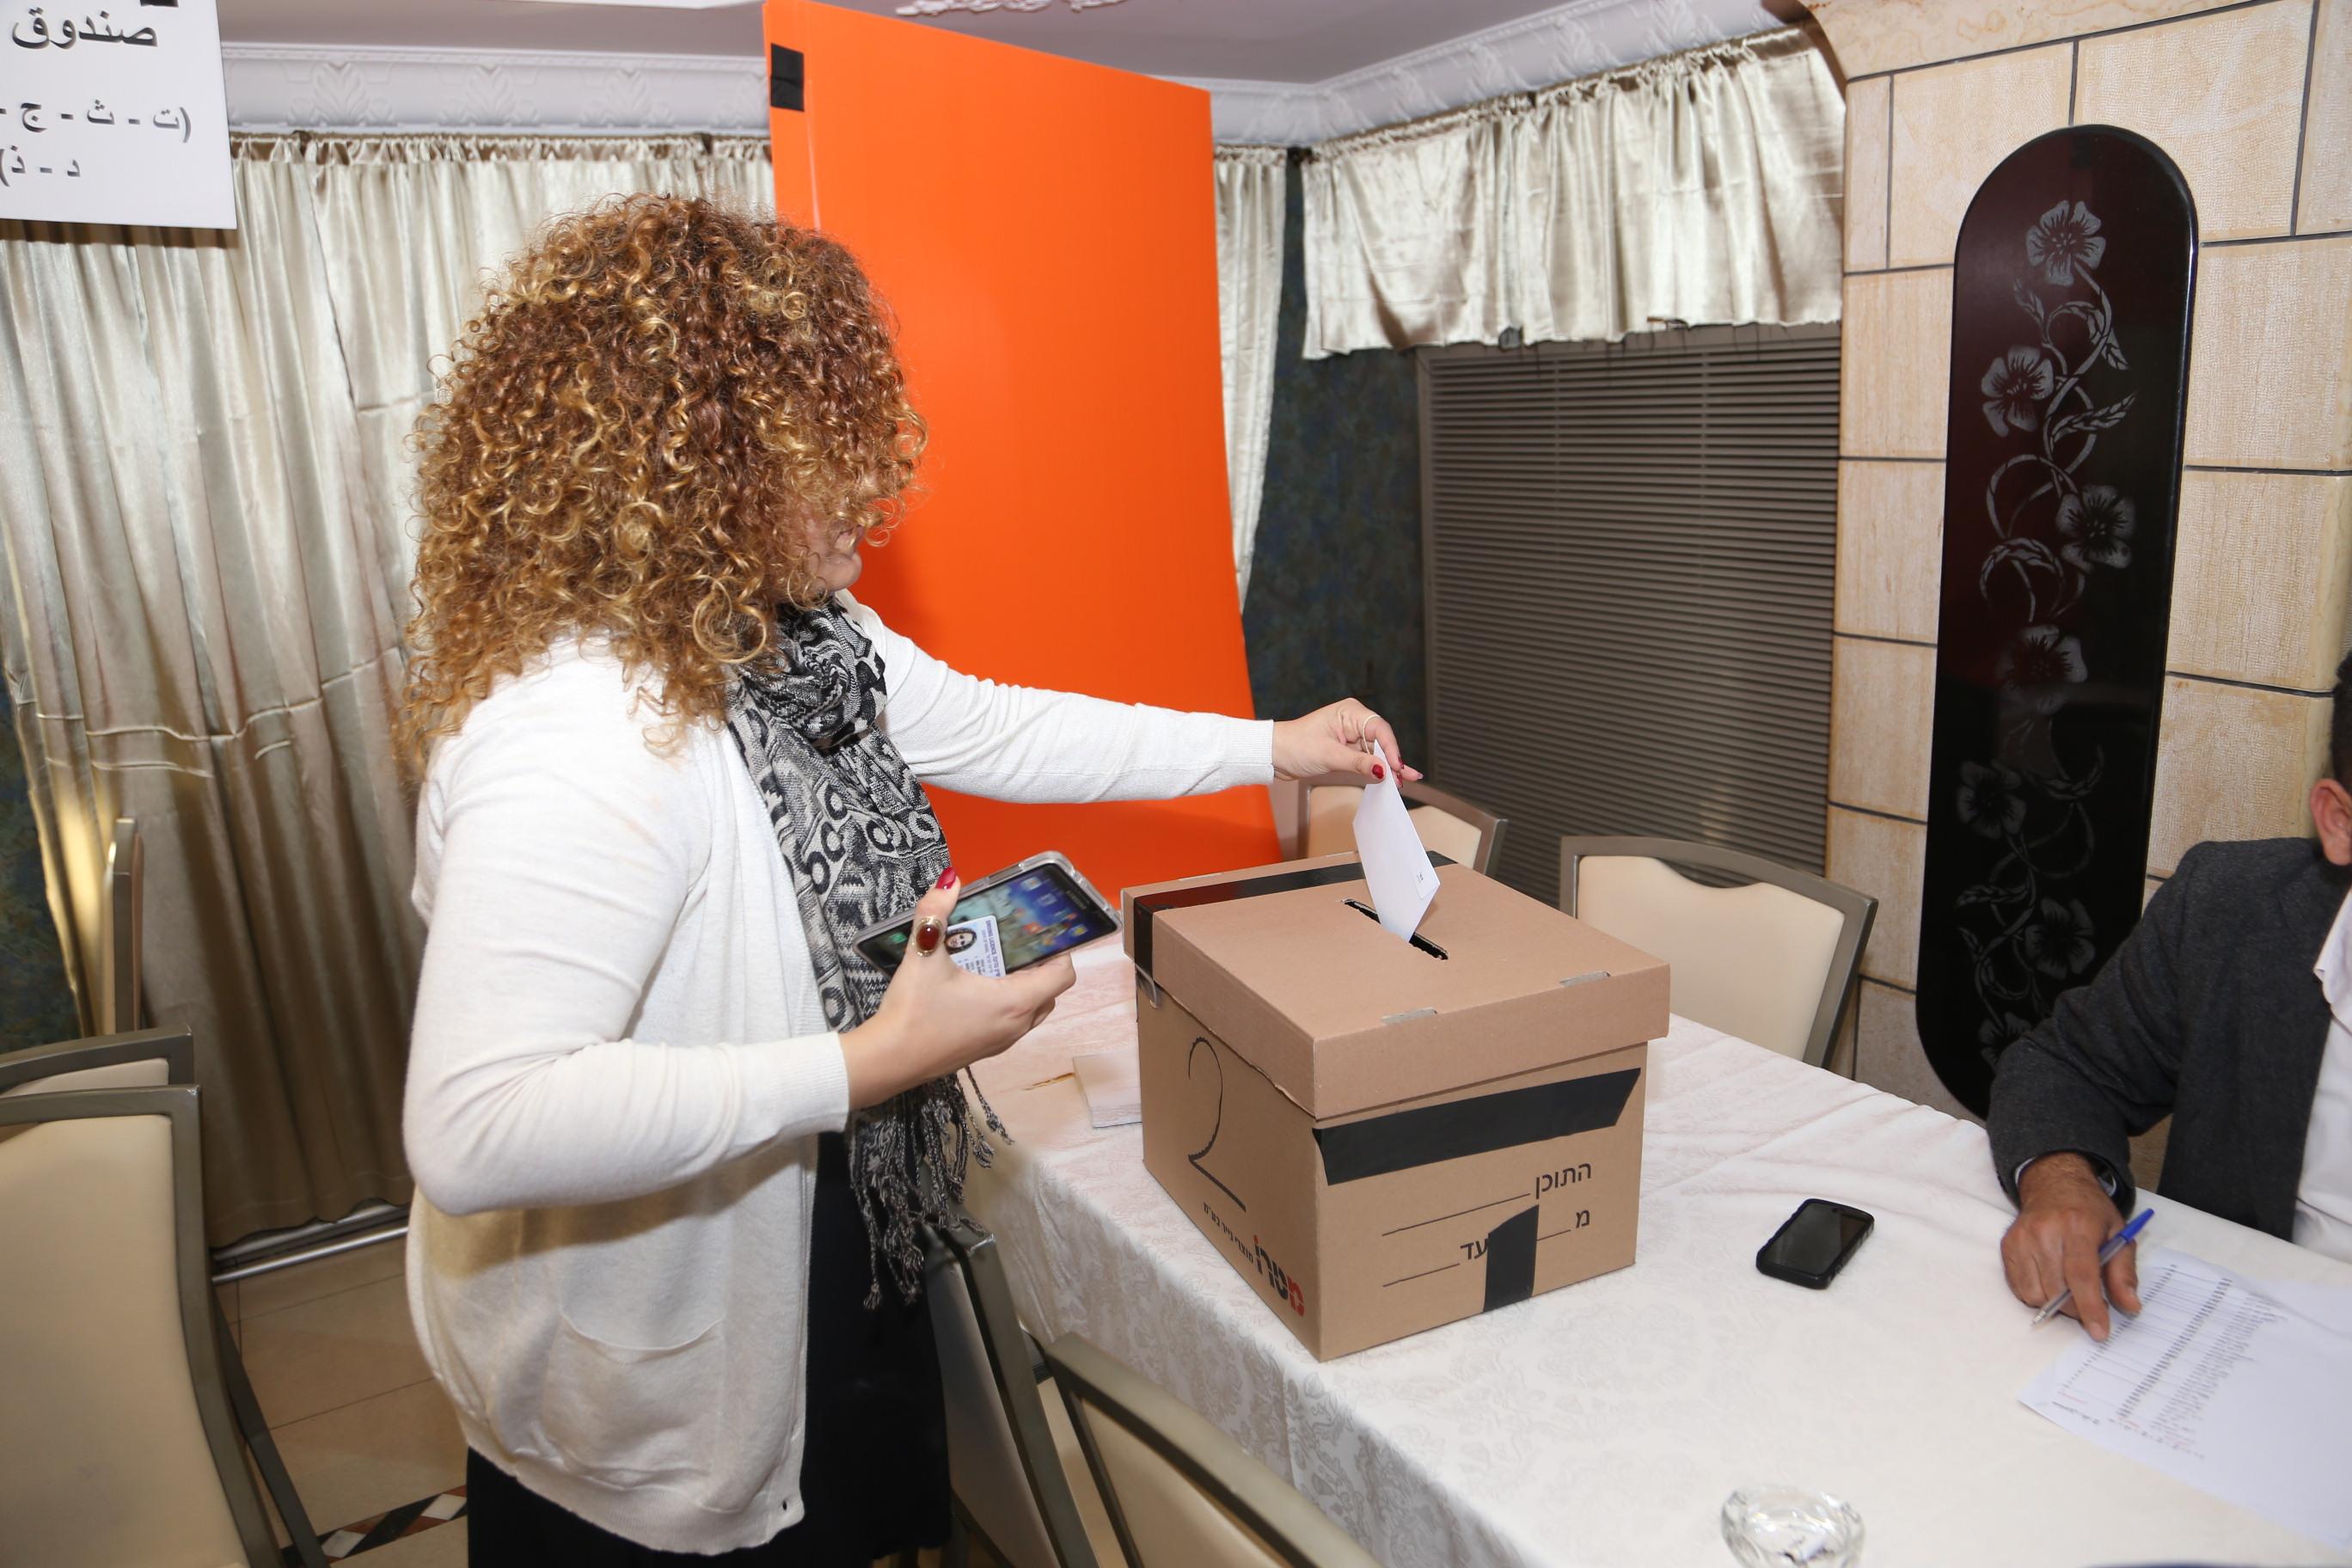 كبها: نتائج الانتخابات التمهيدية لم تغير مواقف الأحزاب من القائمة المشتركة